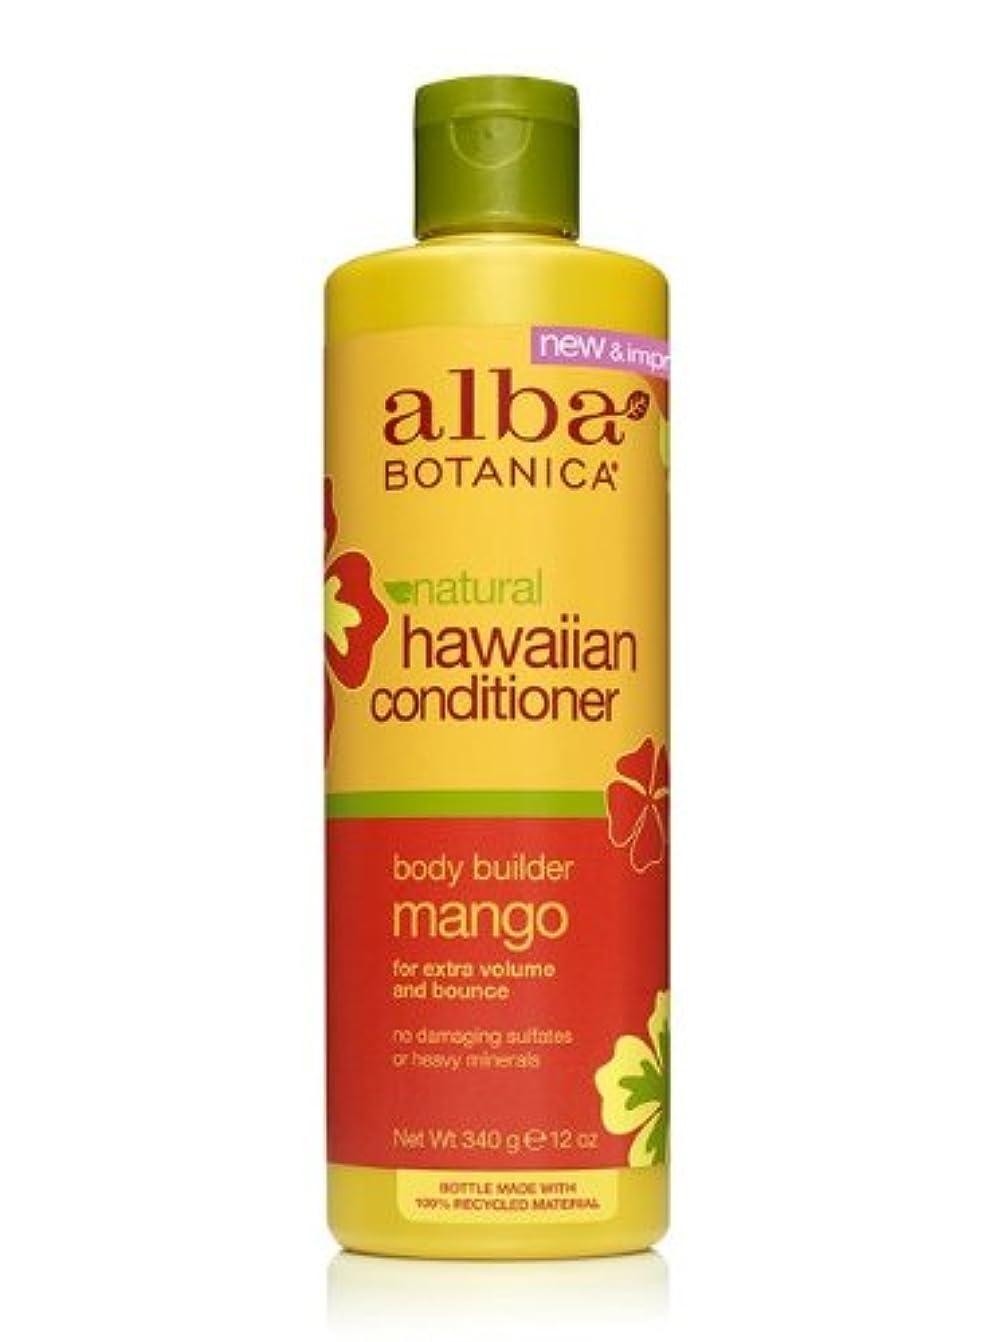 スマッシュ花弁生き物alba BOTANICA アルバボタニカ ハワイアン ヘアコンディショナー MG マンゴー